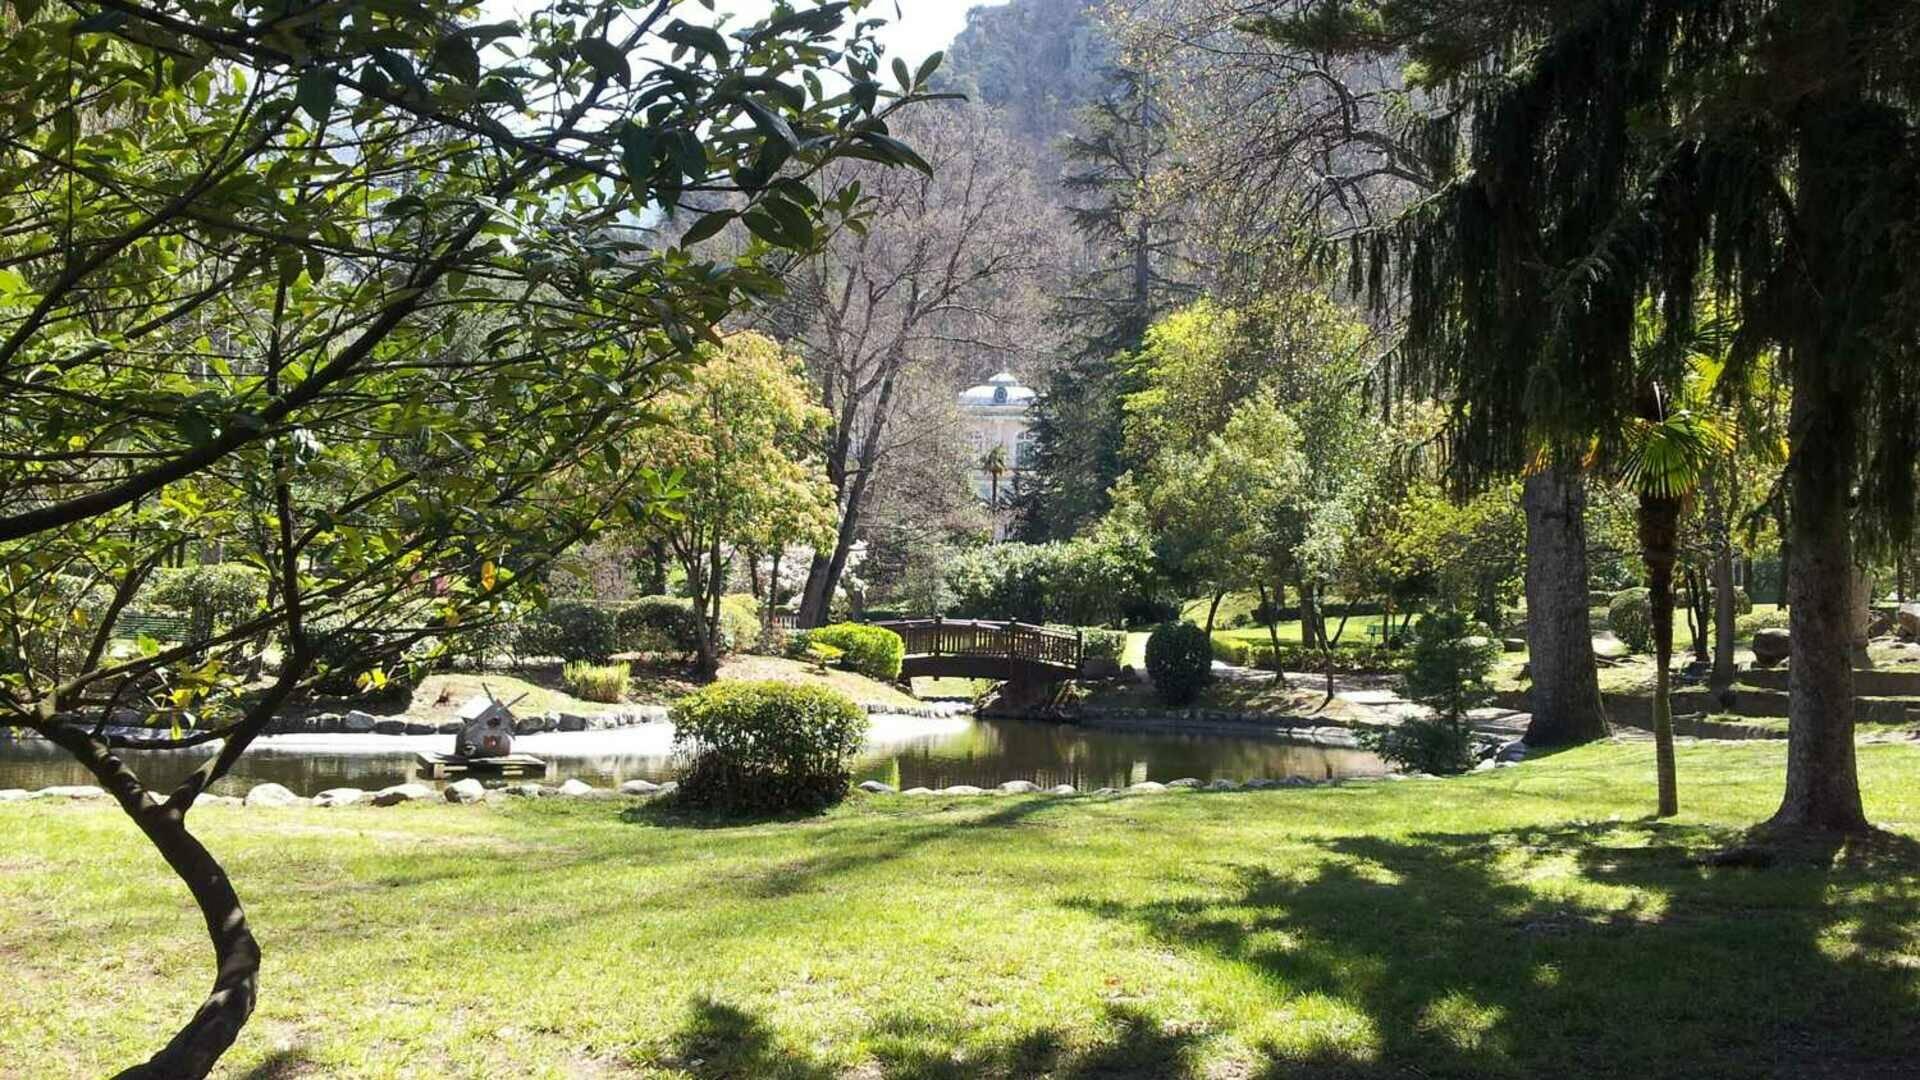 village arboretum de vernet les bains